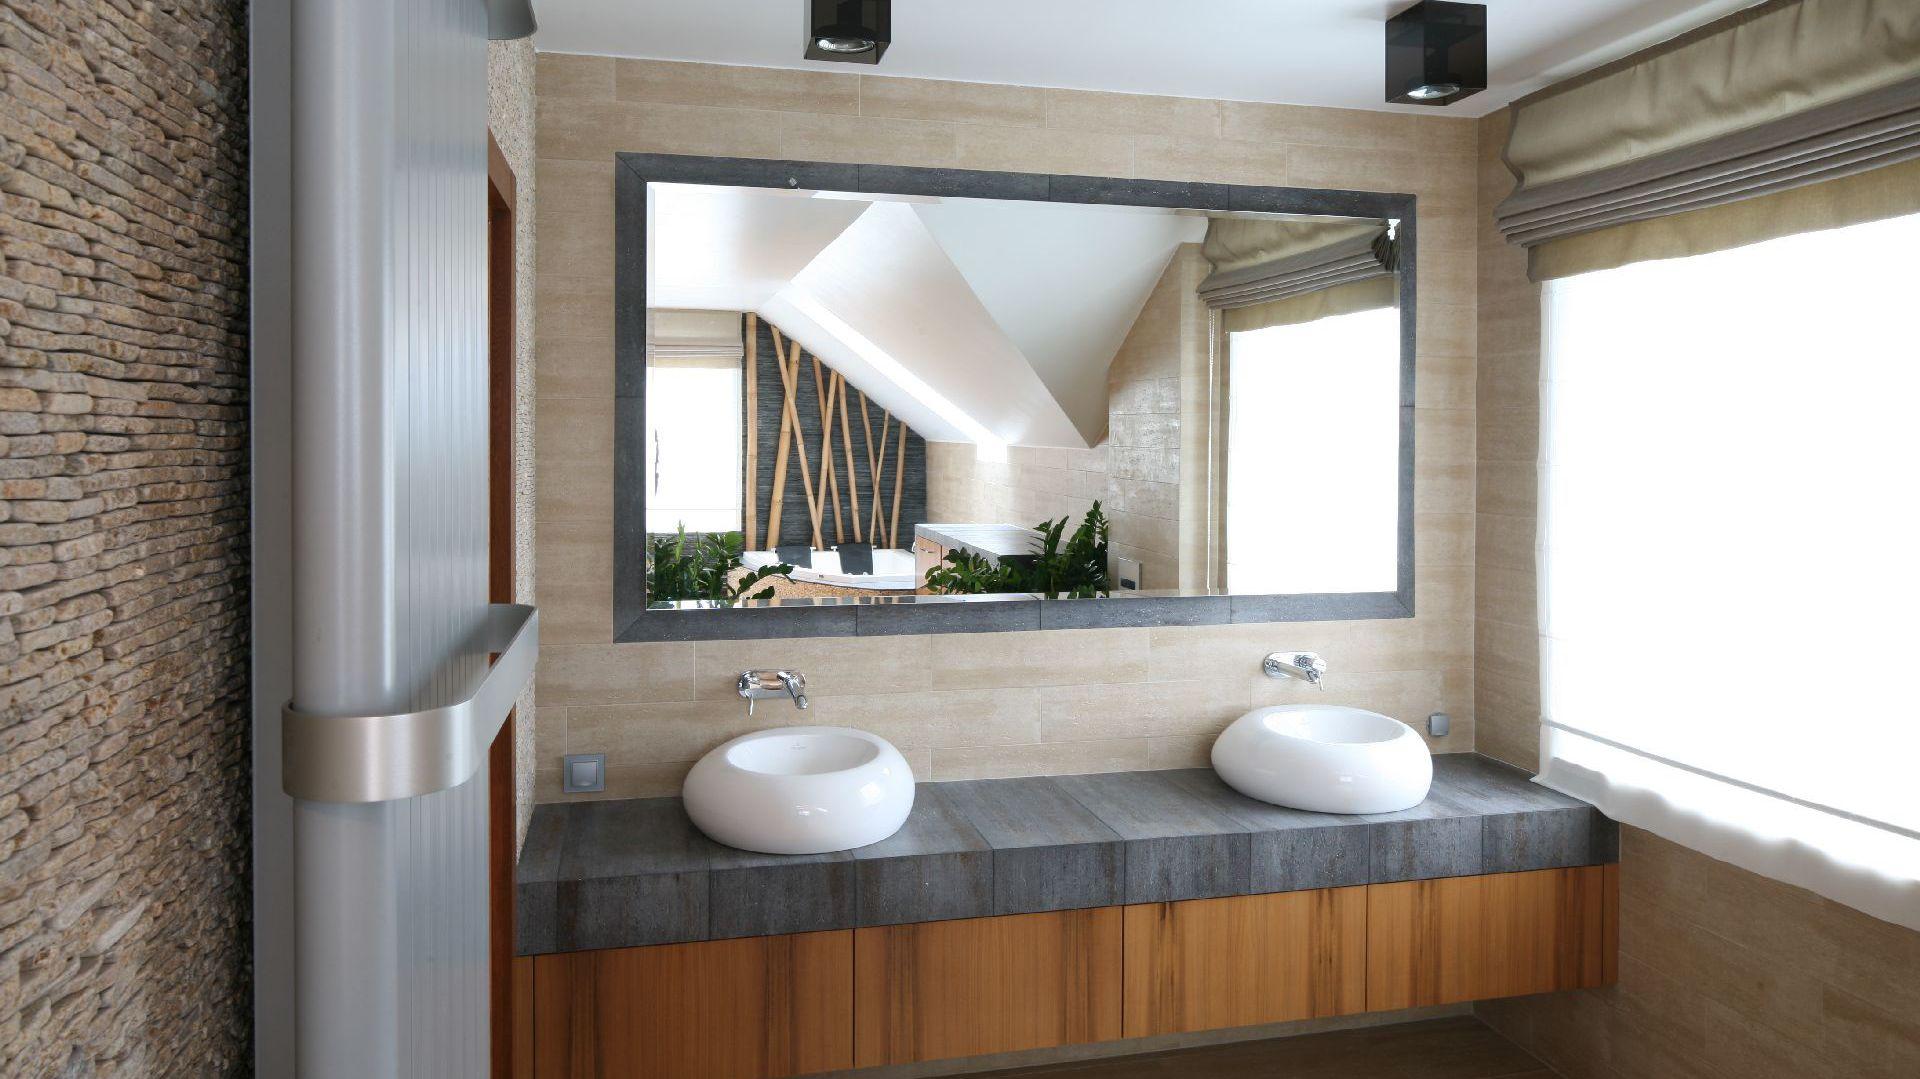 Oświetlenie lustra w łazience. Projekt: Karolina Łuczyńska. Fot. Bartosz Jarosz